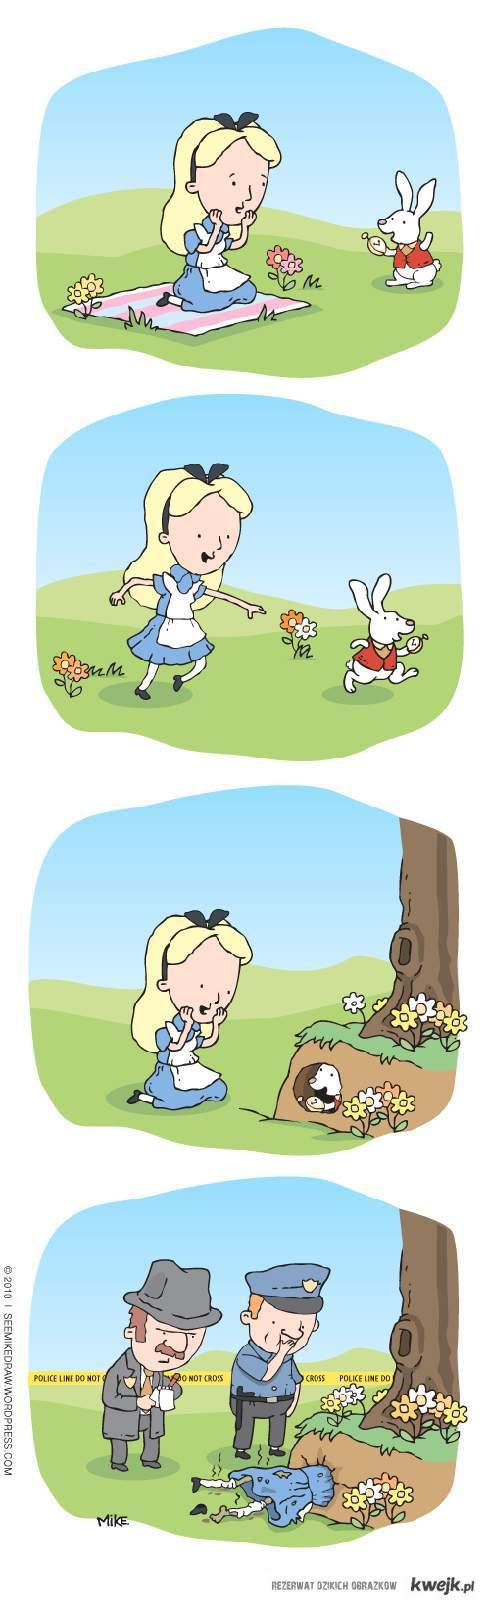 Alicja w krainie umarłych.